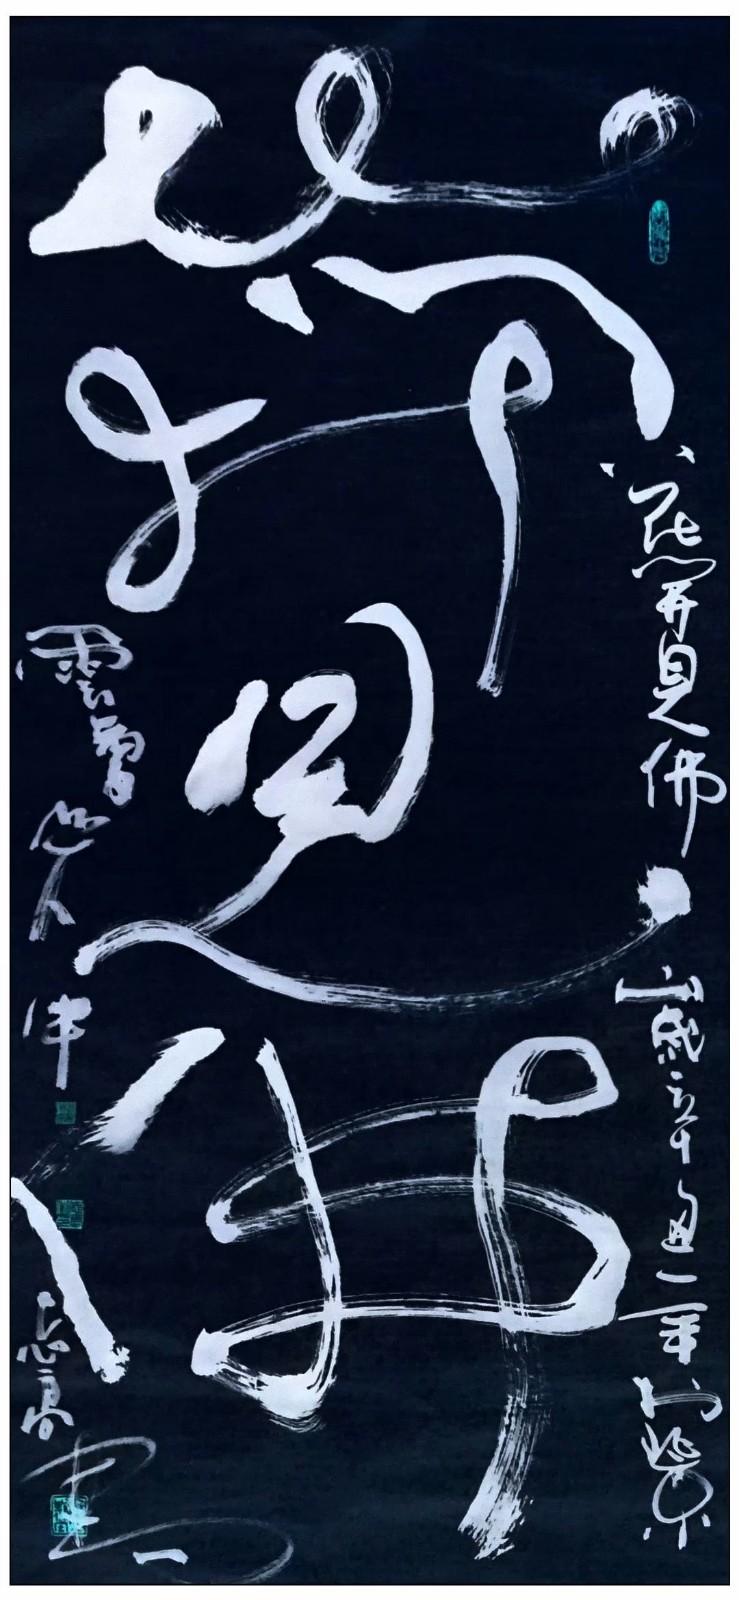 牛志高书法2021.05.20_图1-5